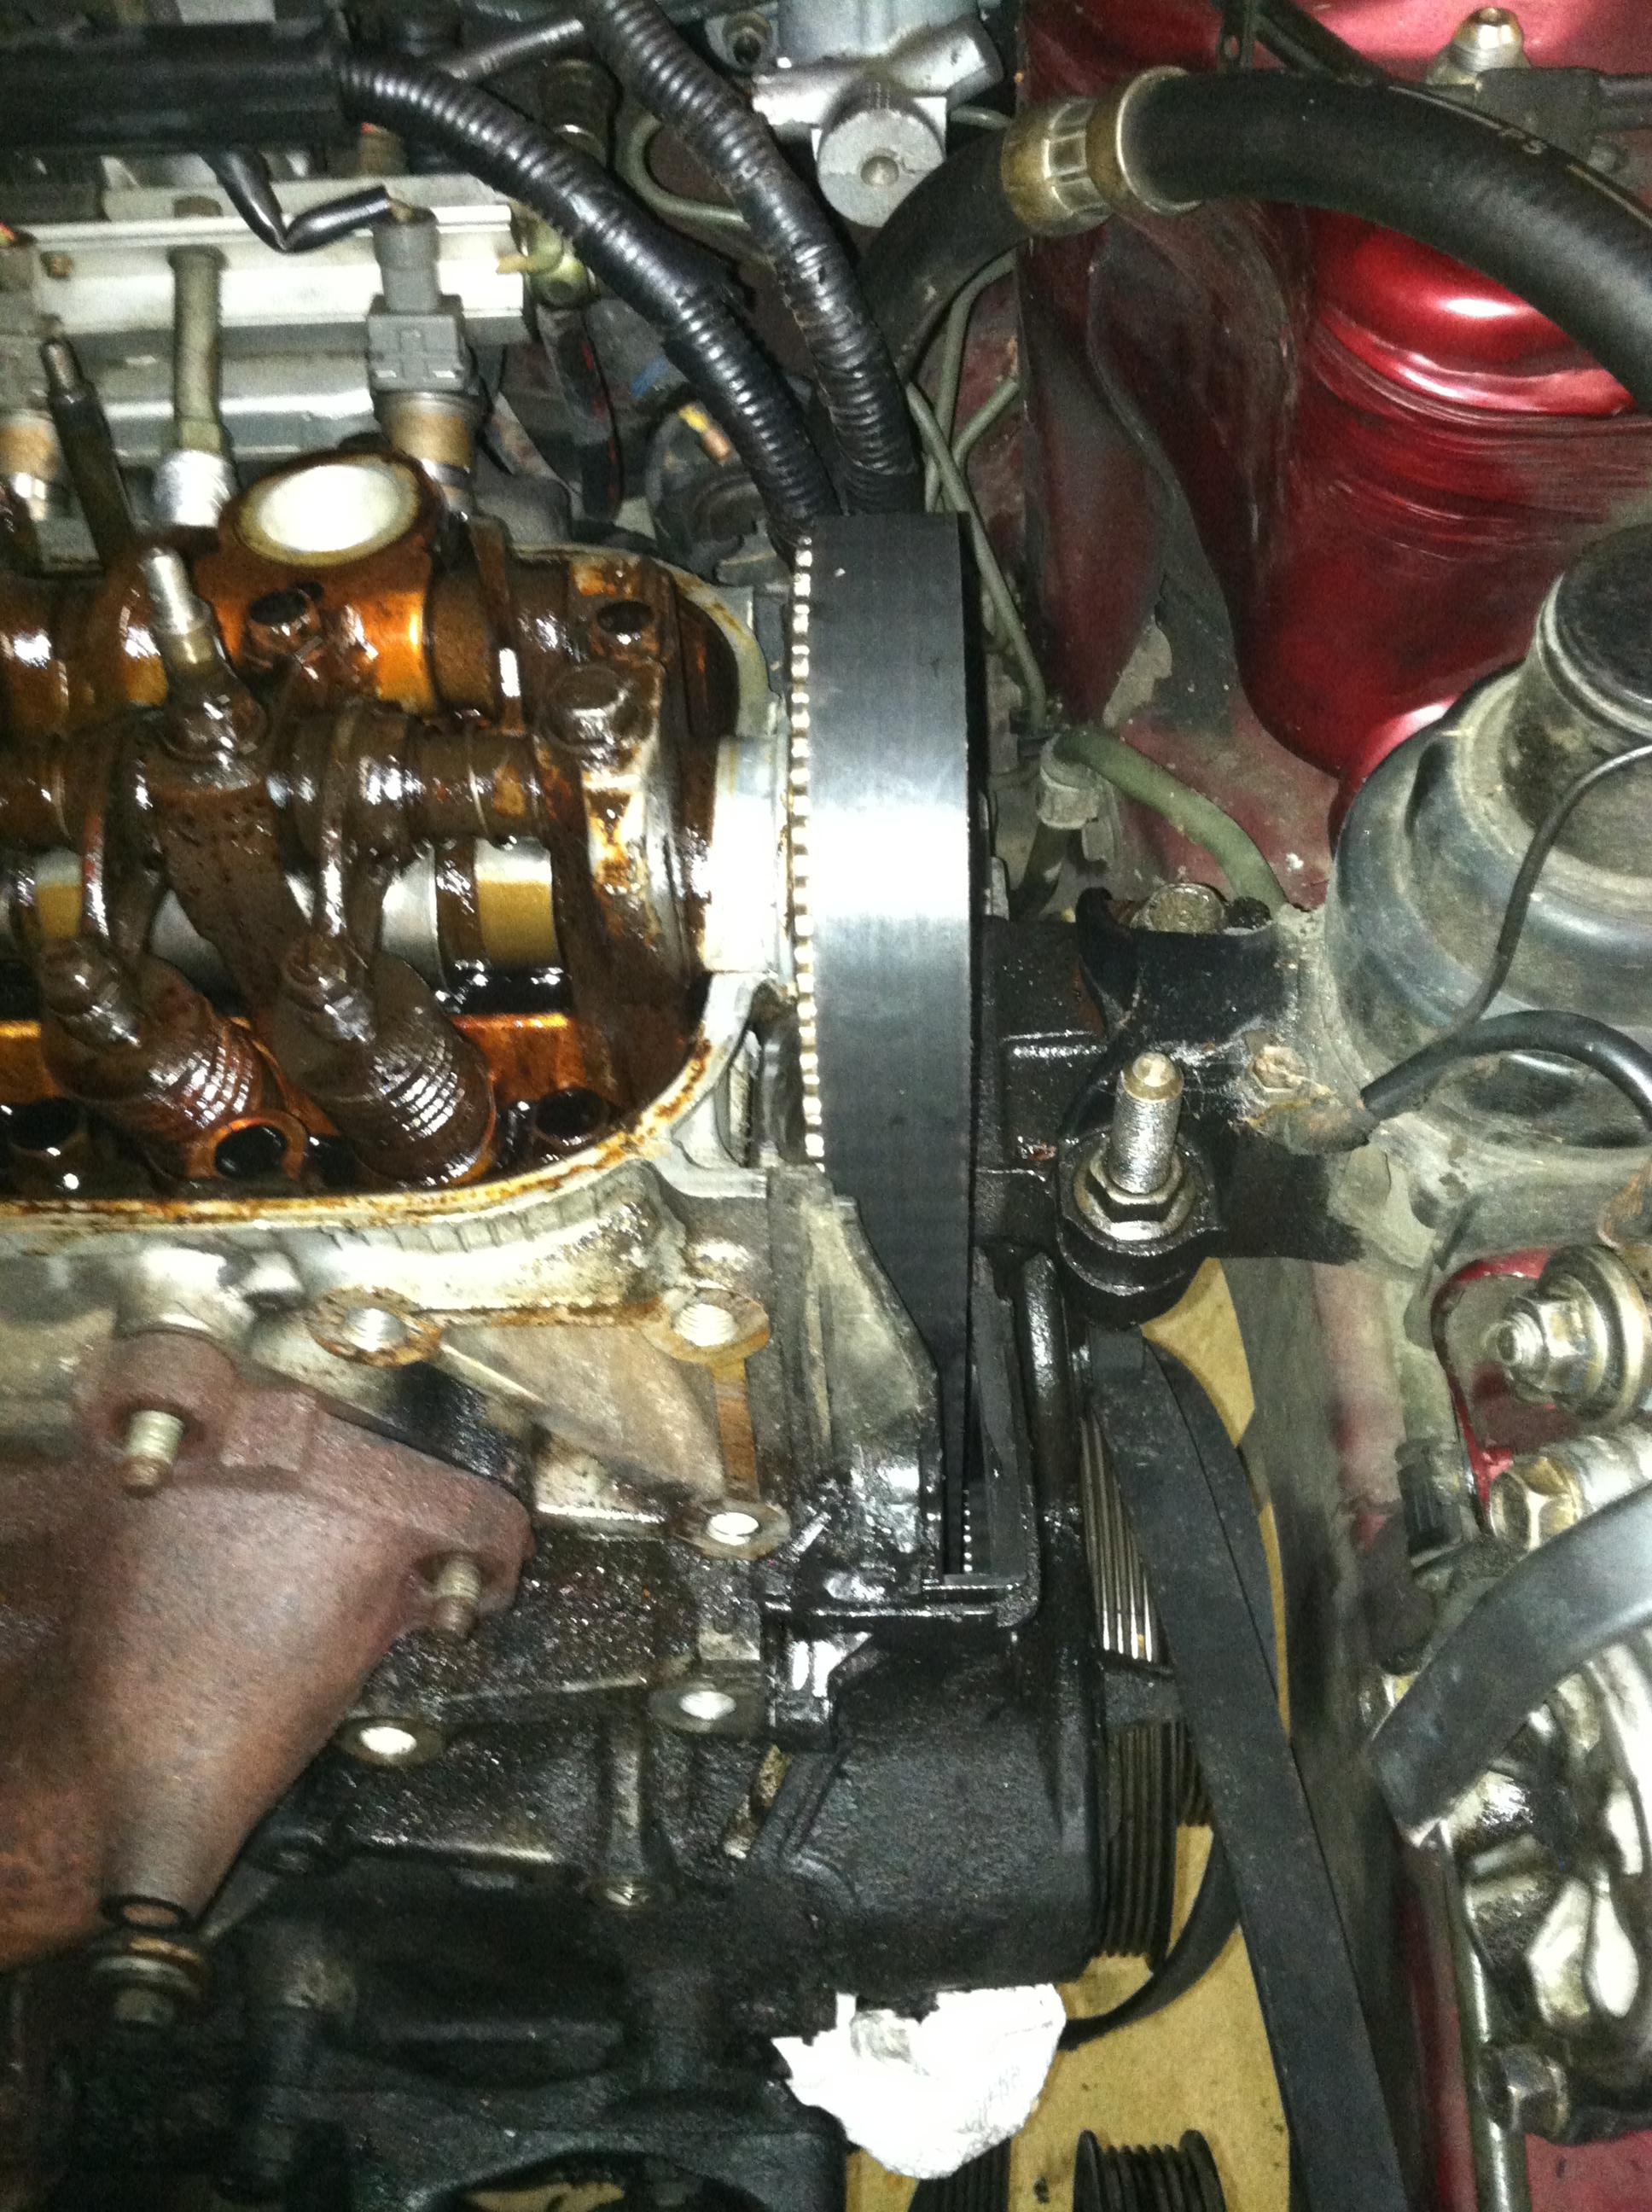 Craftsman digitork repair: Ivan a new line of questioning